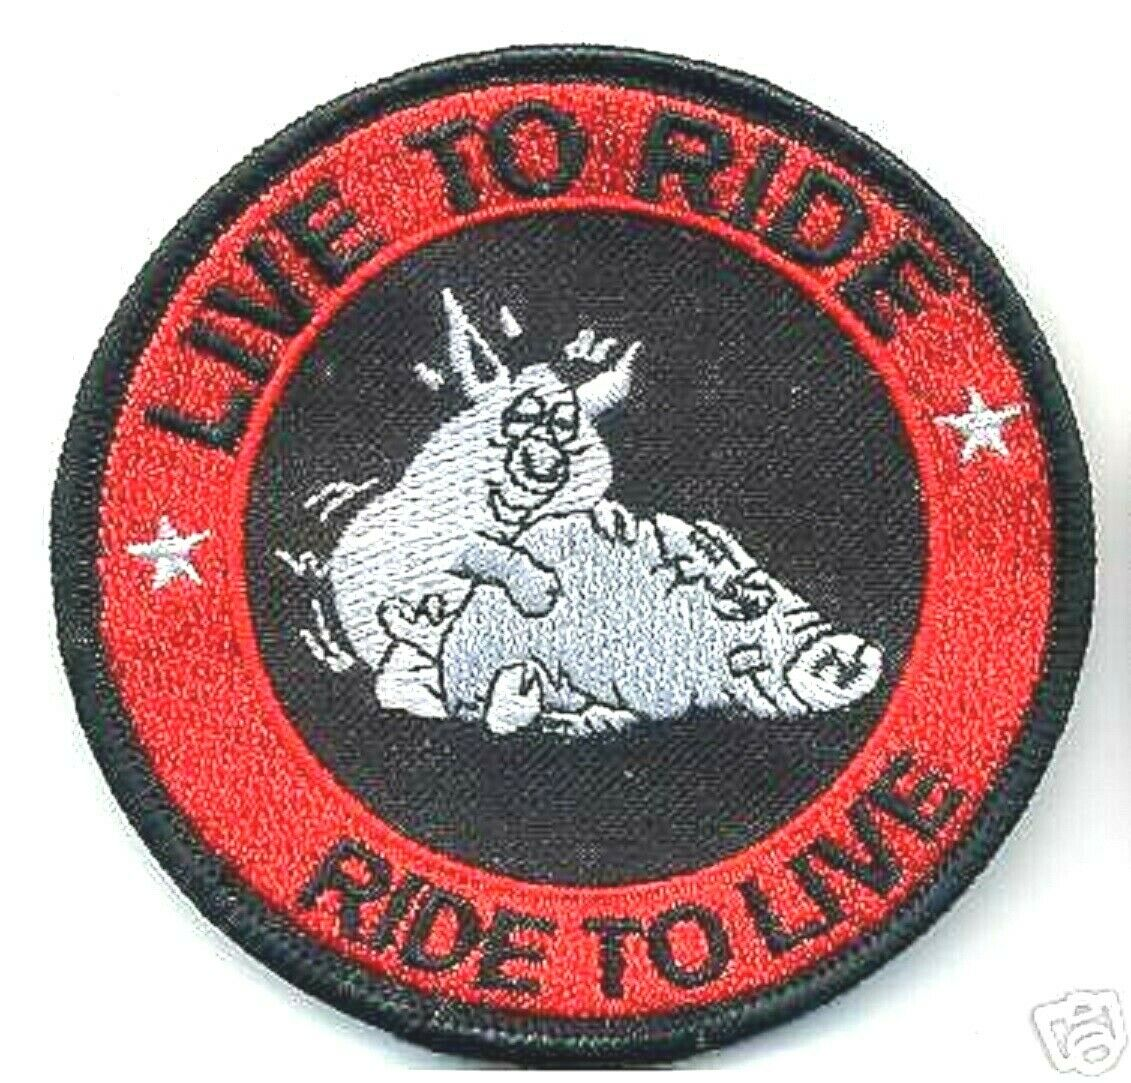 Outlaw Biker Gang Hog Biker Rider 1 Er Biker Iron On Patch Live To Ride Hog Ebay